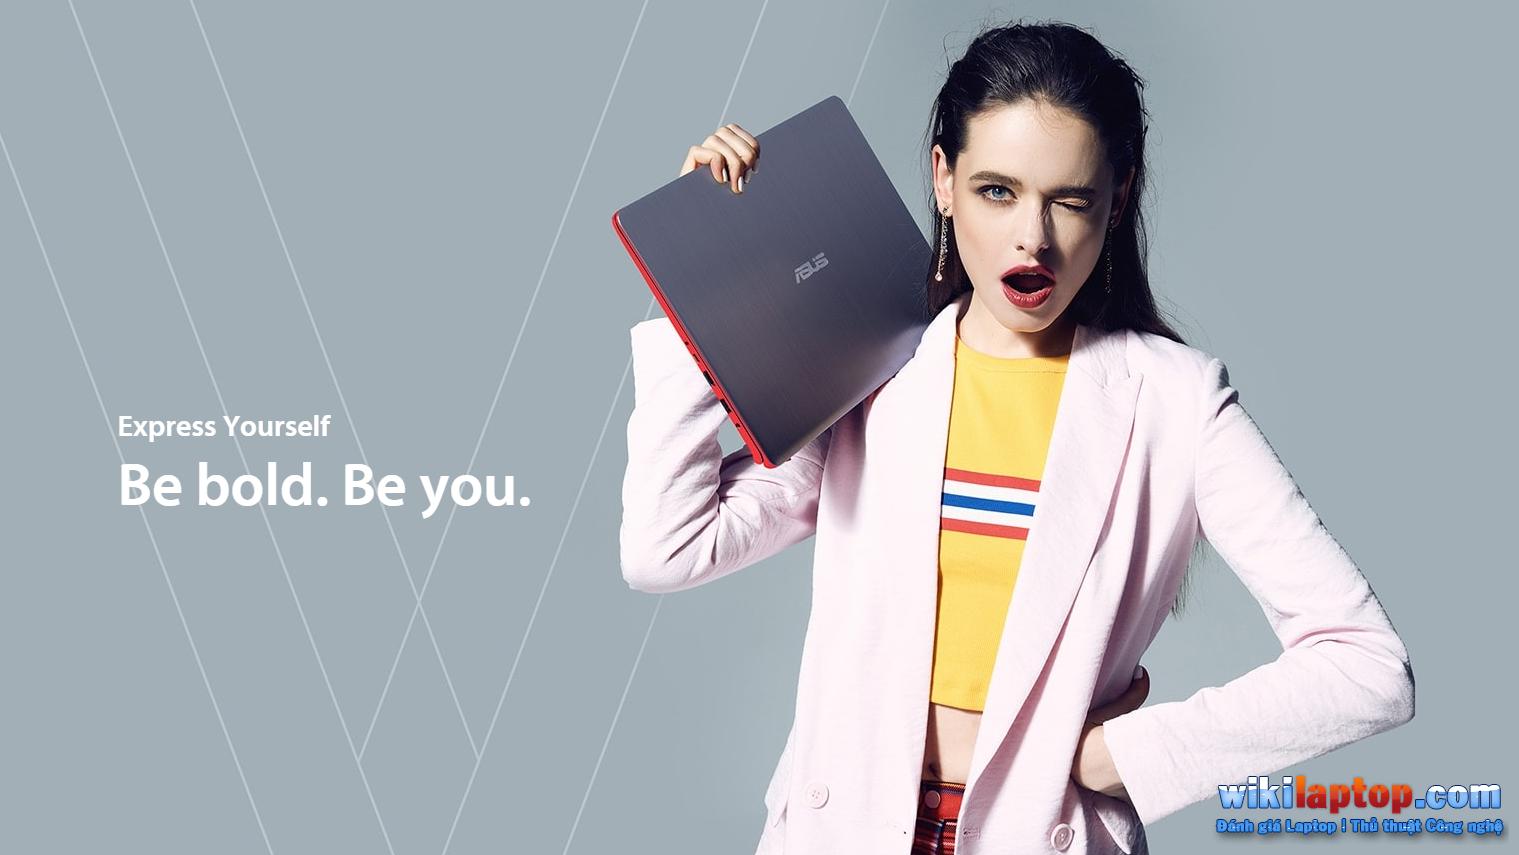 Sforum - Trang thông tin công nghệ mới nhất vivobooks14-2 Sẽ thật thiếu sót nếu không chọn chiếc laptop này với mức giá 13 triệu đồng !!!